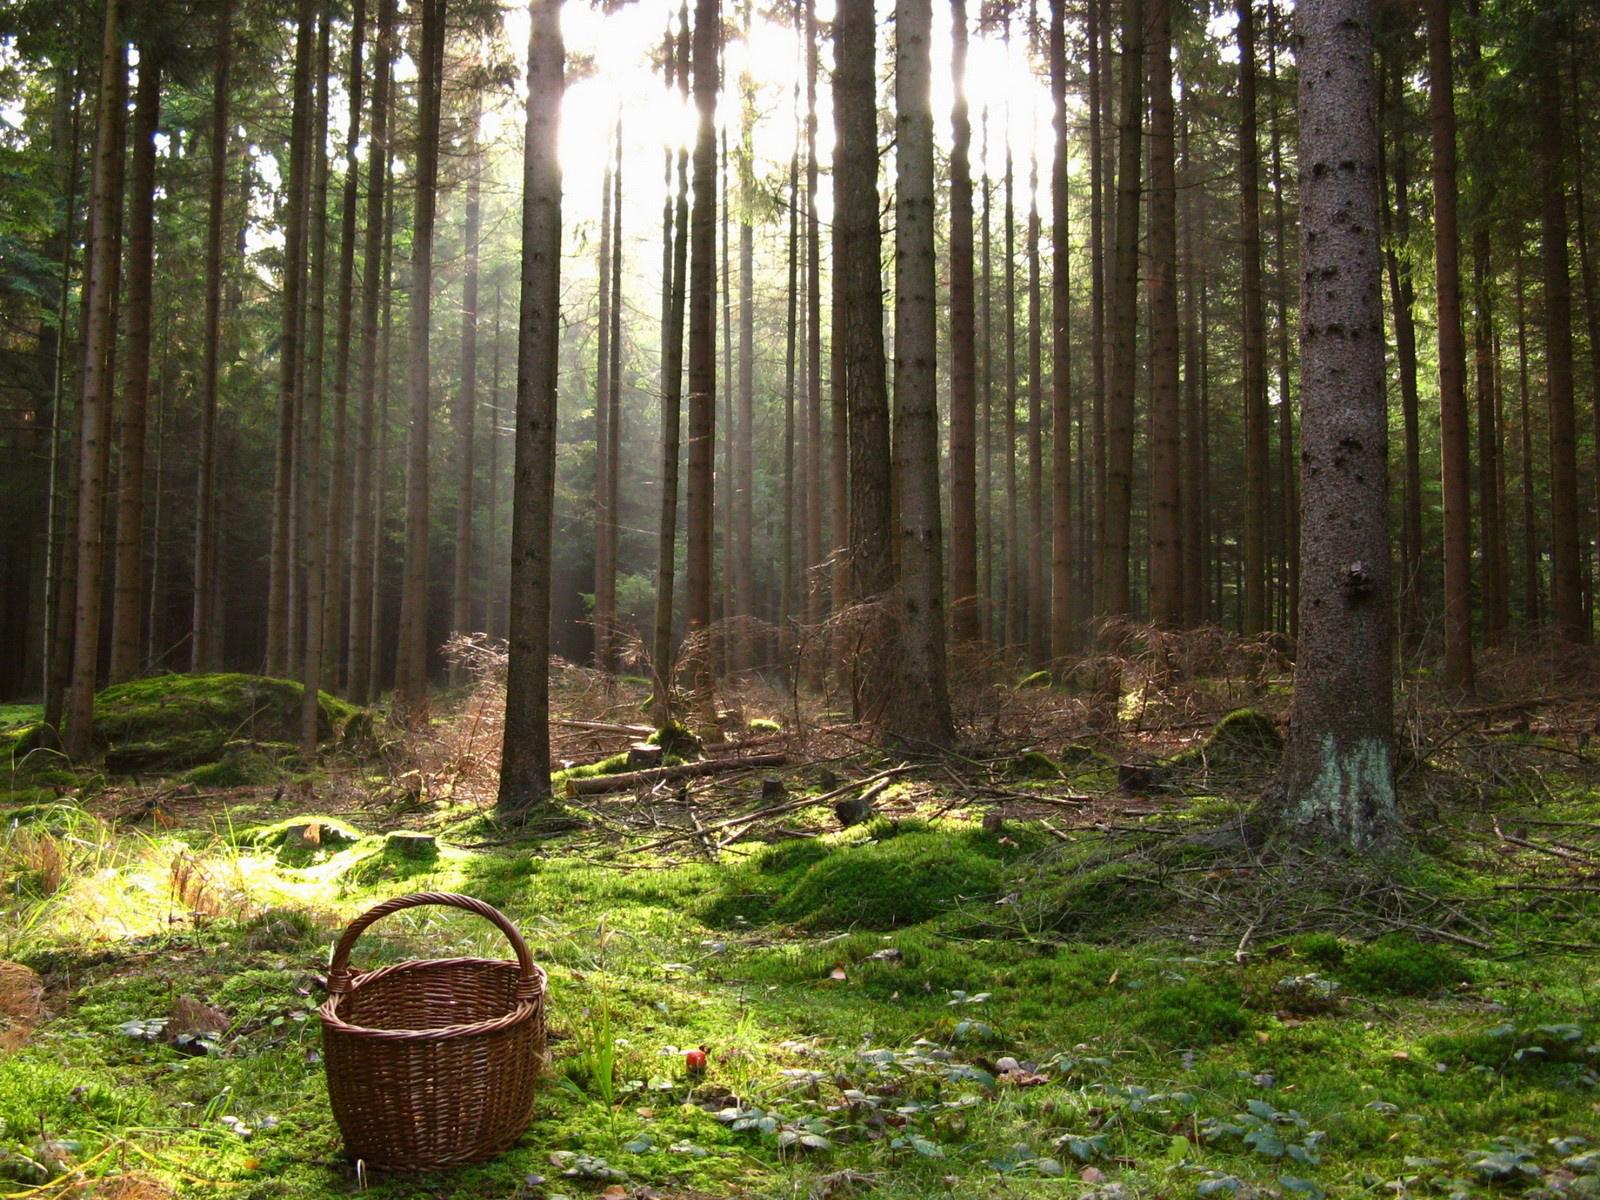 Фото привязанные в лесу 21 фотография